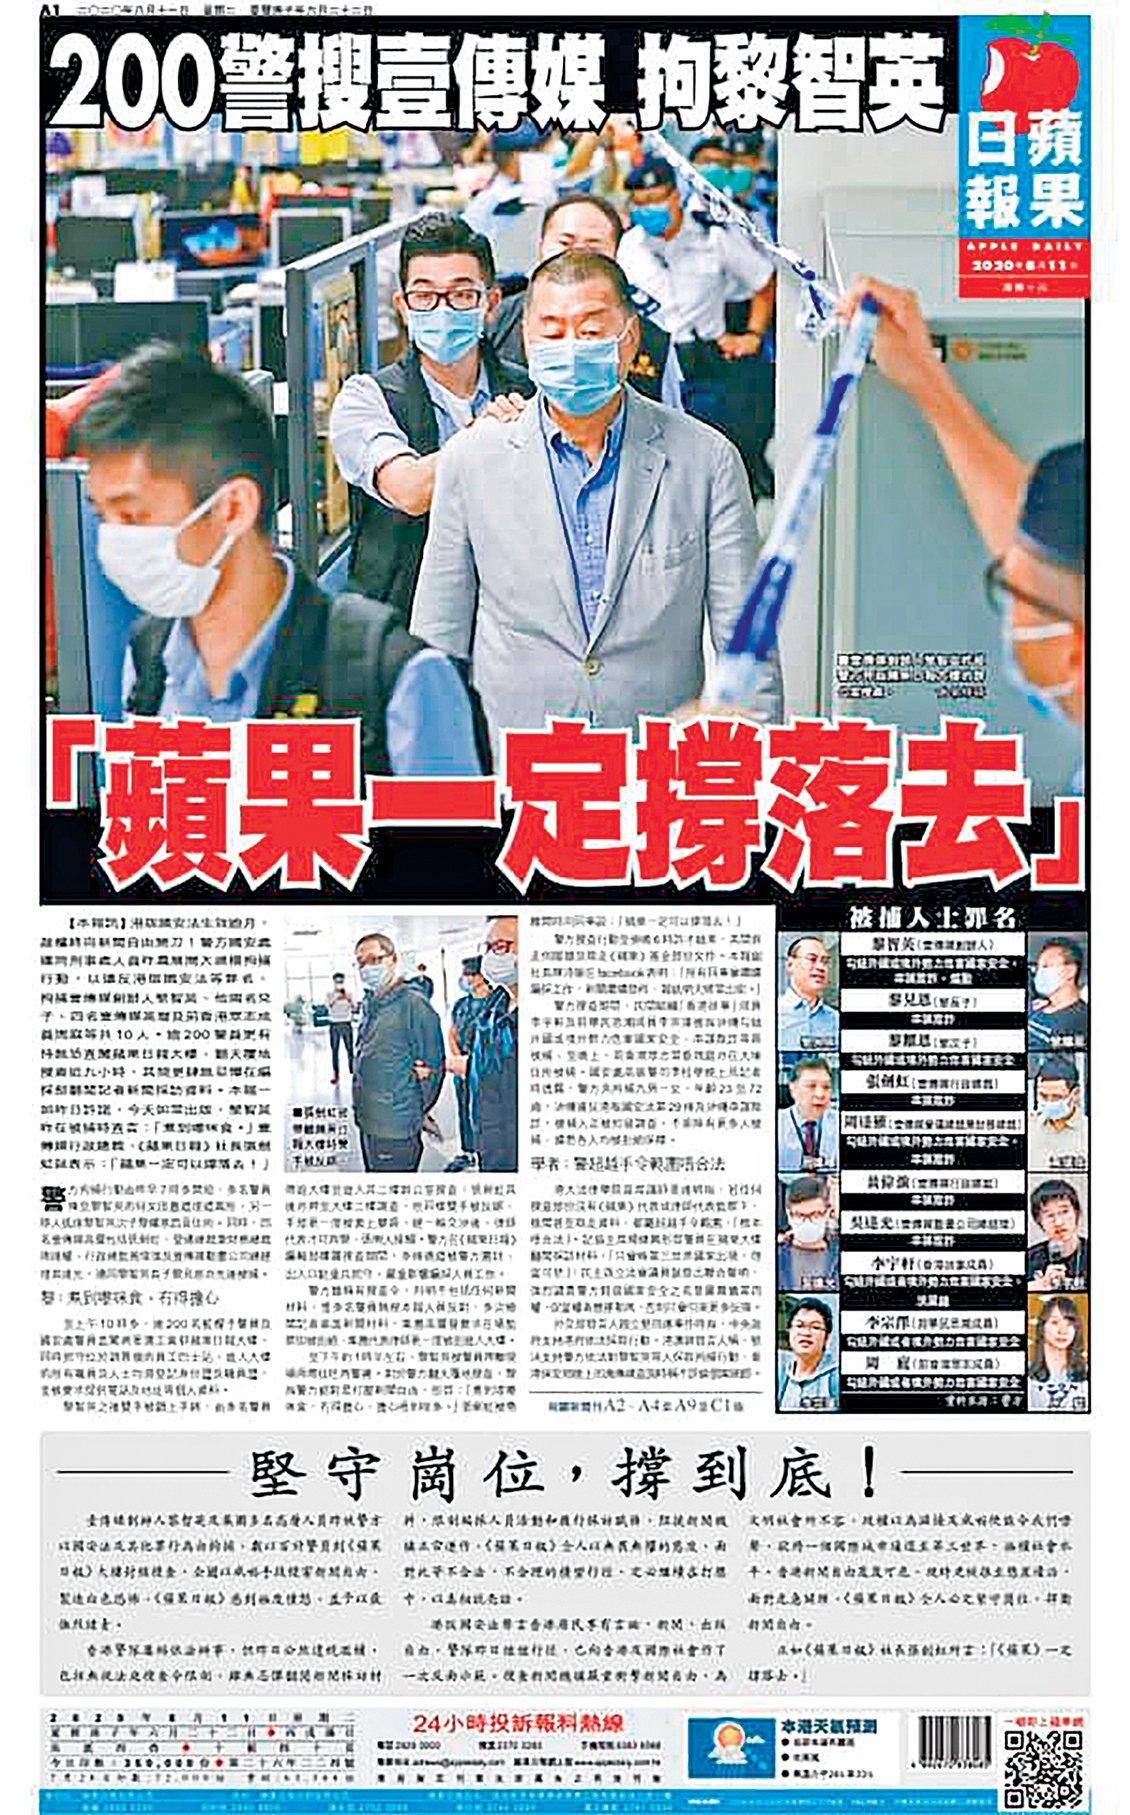 壹傳媒發表聲明指,《蘋果日報》對有數以百計警員到其大樓封鎖搜查,企圖以威嚇手段侵害新聞自由、製造白色恐怖,感到極度憤怒並予以最強烈譴責。(網絡截圖)